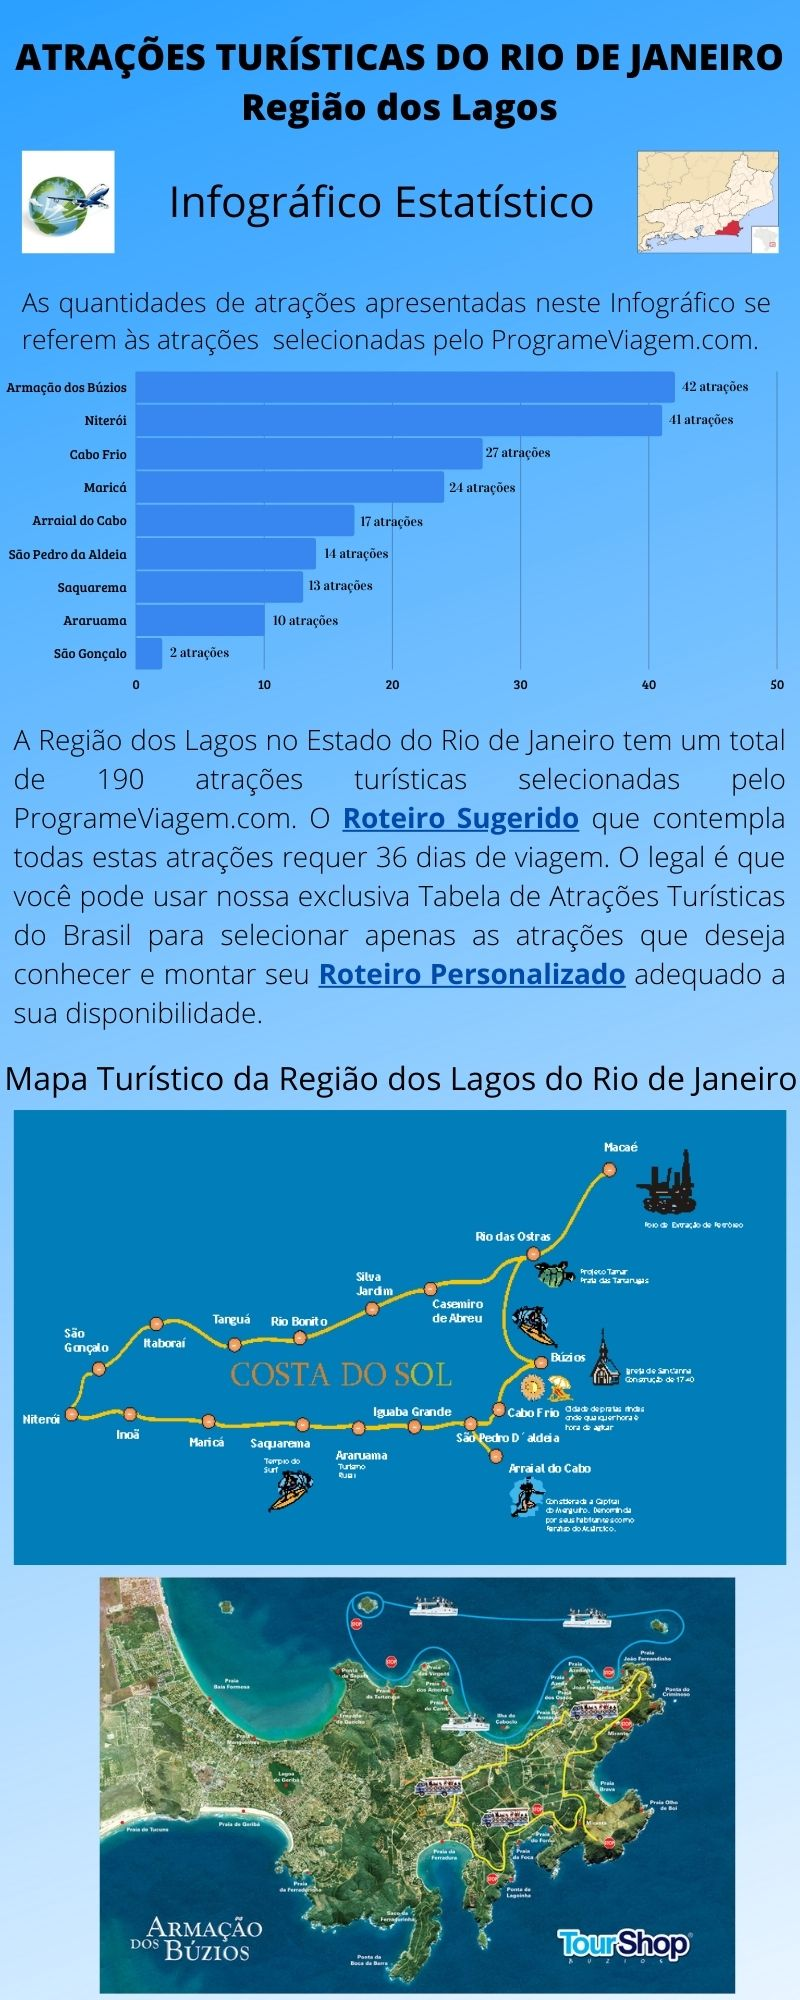 Infográfico Atrações Turísticas do Rio de Janeiro (Região dos Lagos)